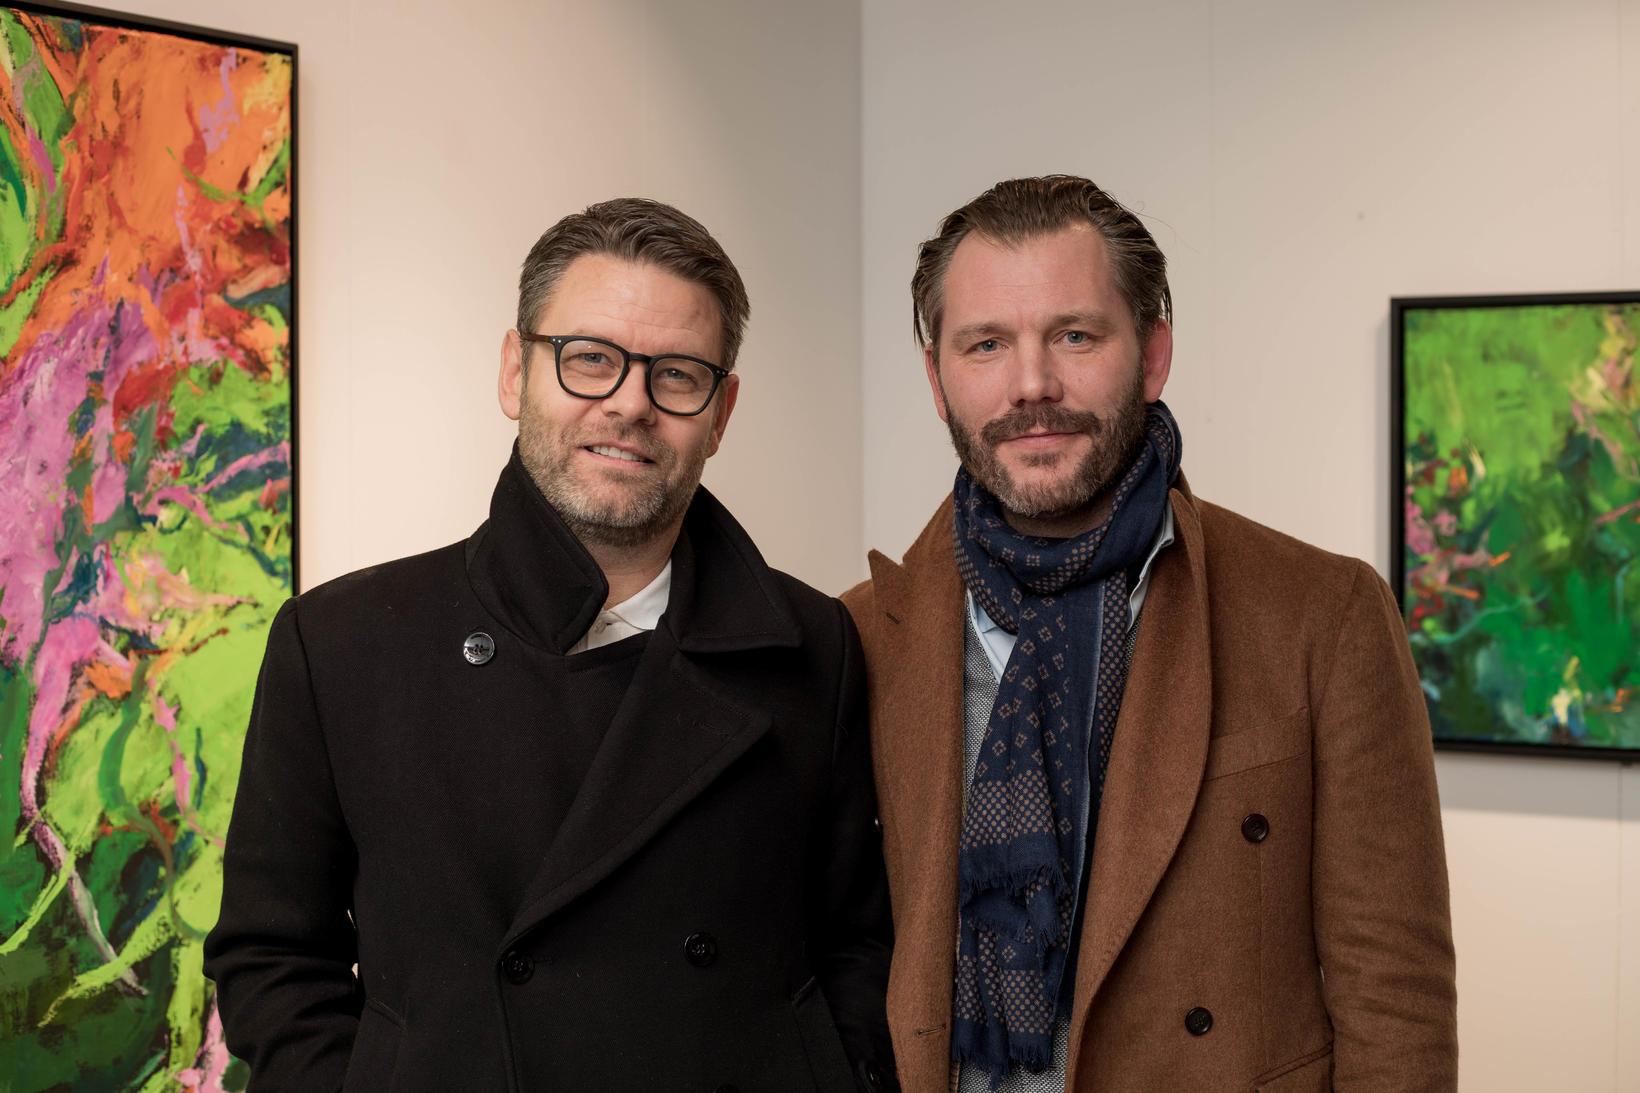 Ágúst Reynir Þorsteinsson og Grímur Garðarsson.